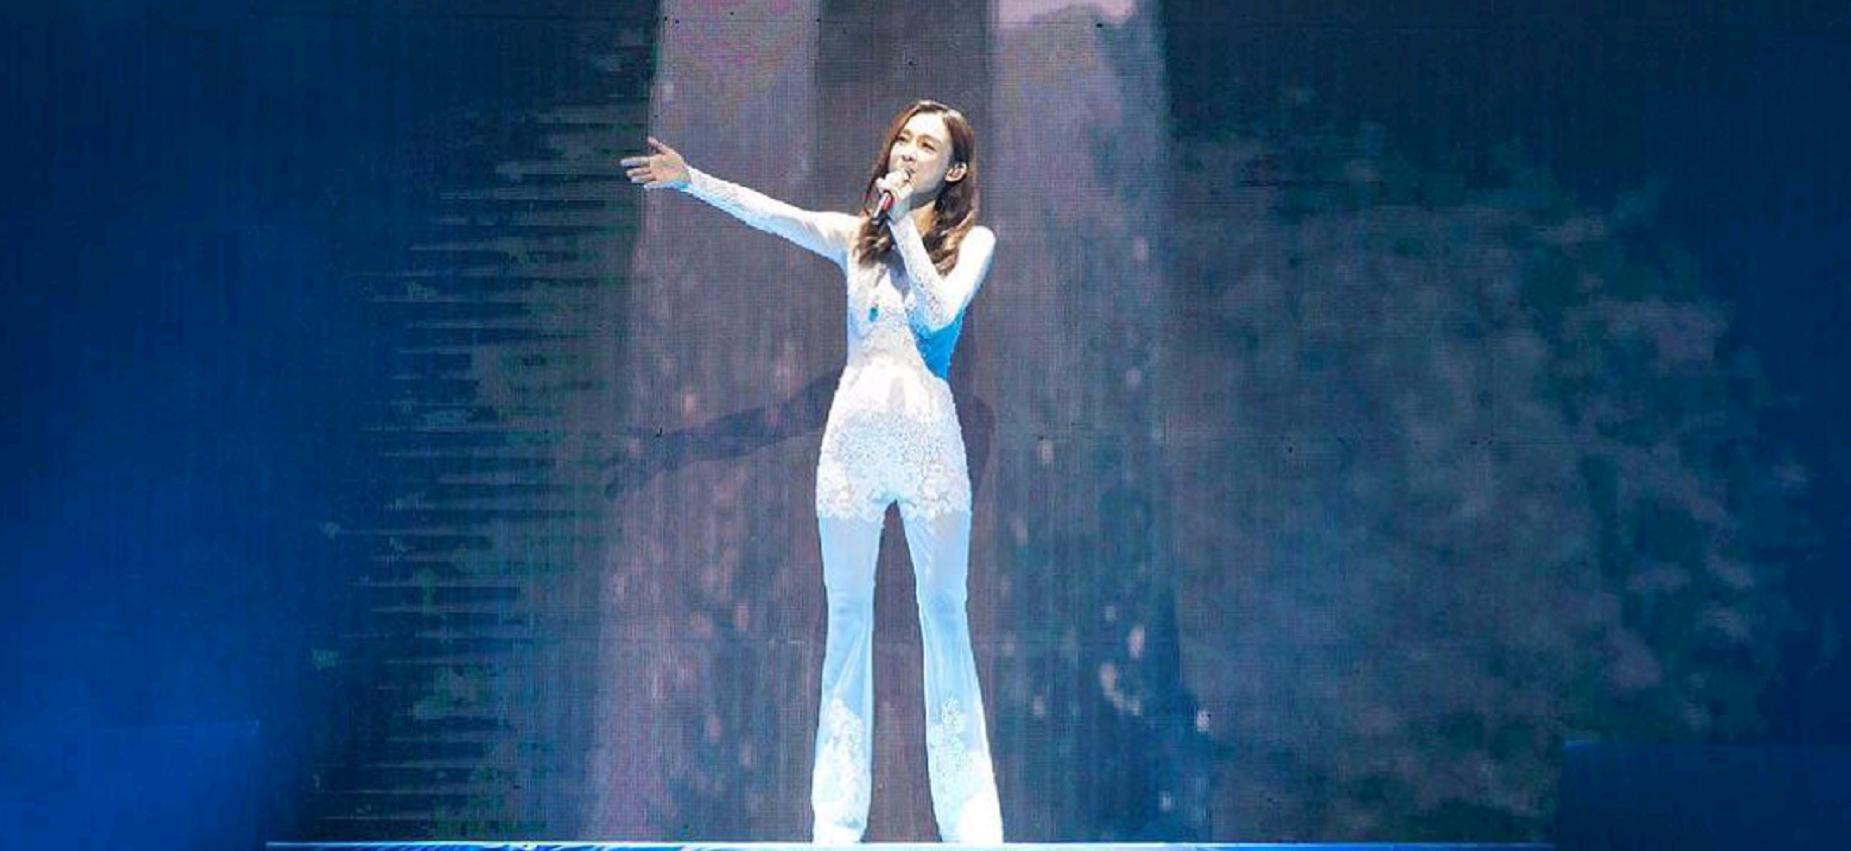 范玮琪世界巡回演唱会杭州站即将开唱